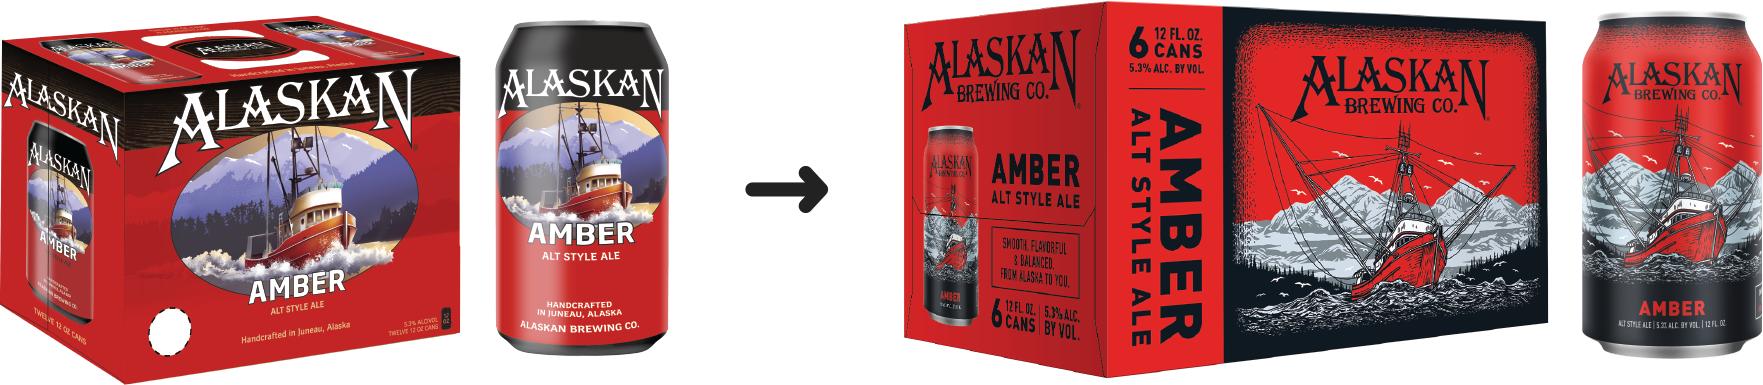 Blindtiger Design - Alaskan Brewing Co.8.png